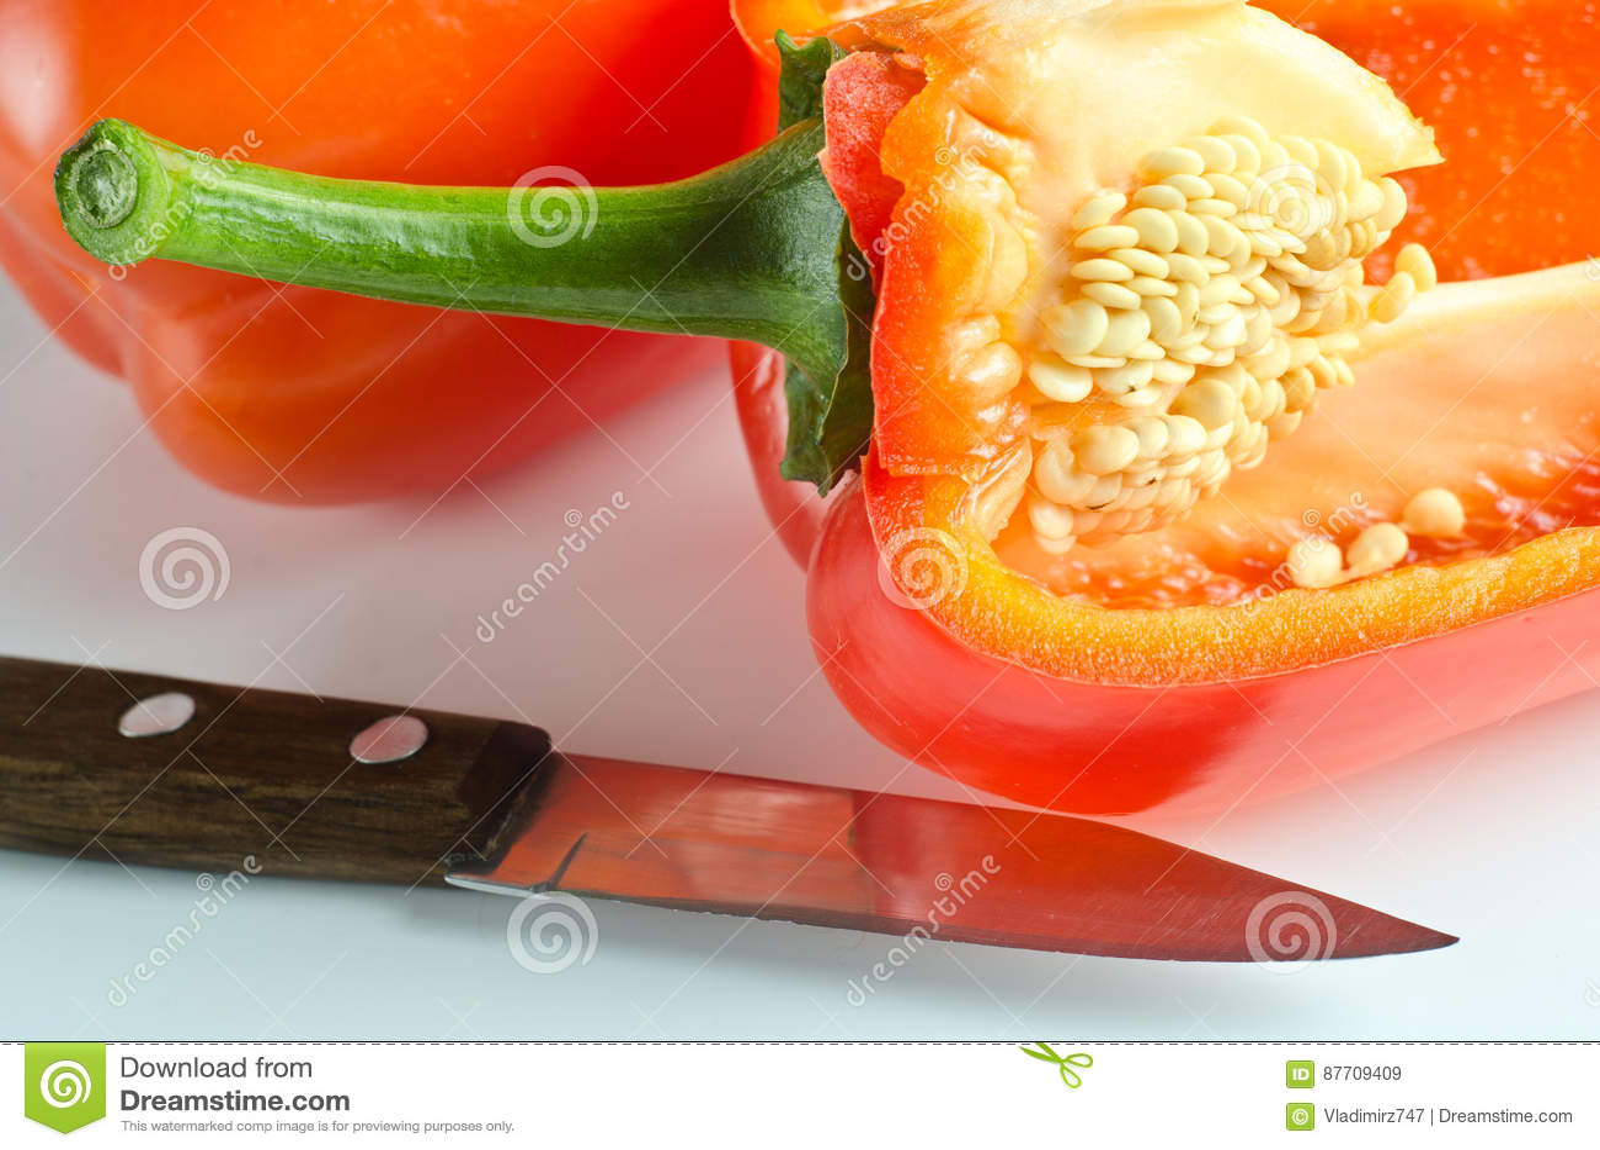 Fruits de paprika se trouvant sur une table légère